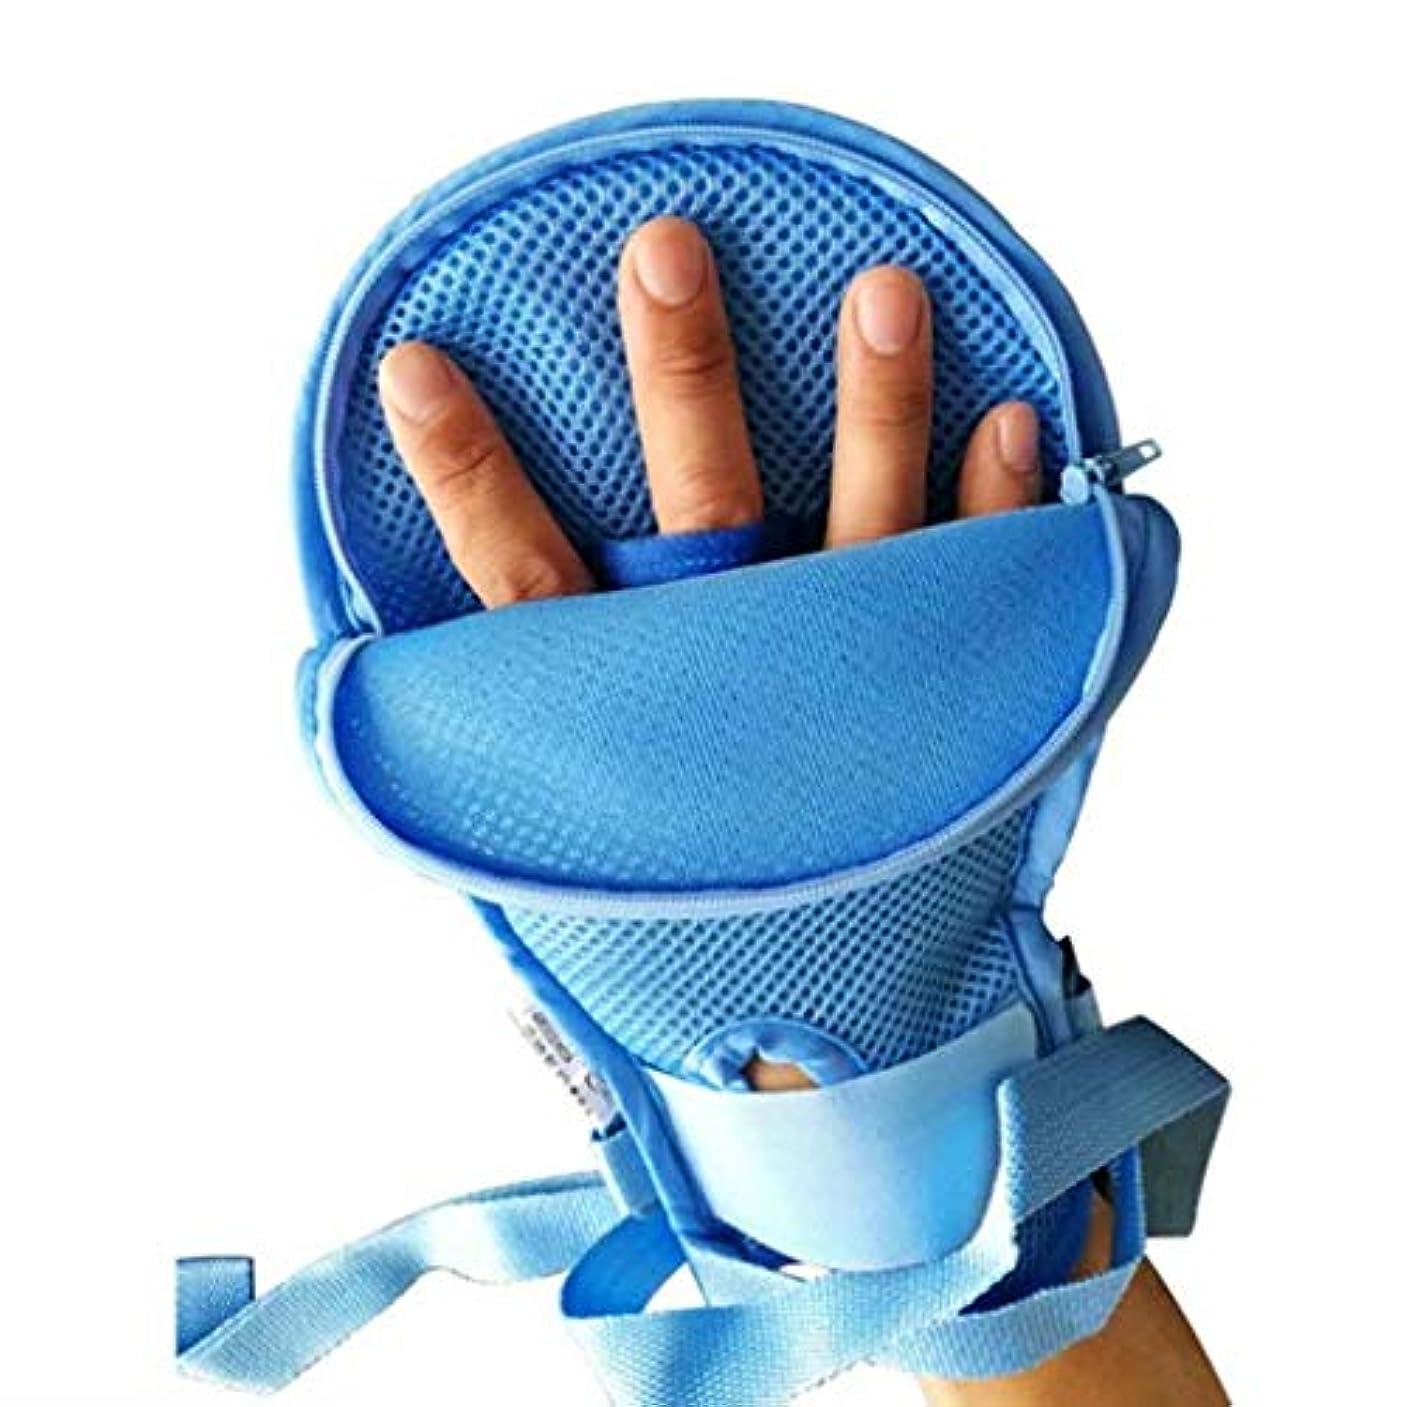 クリケット急ぐ医療用抗エクストラクショングローブアンチスクラッチ用手首固定された拘束具患者の手の感染症プロテクターパッド付き